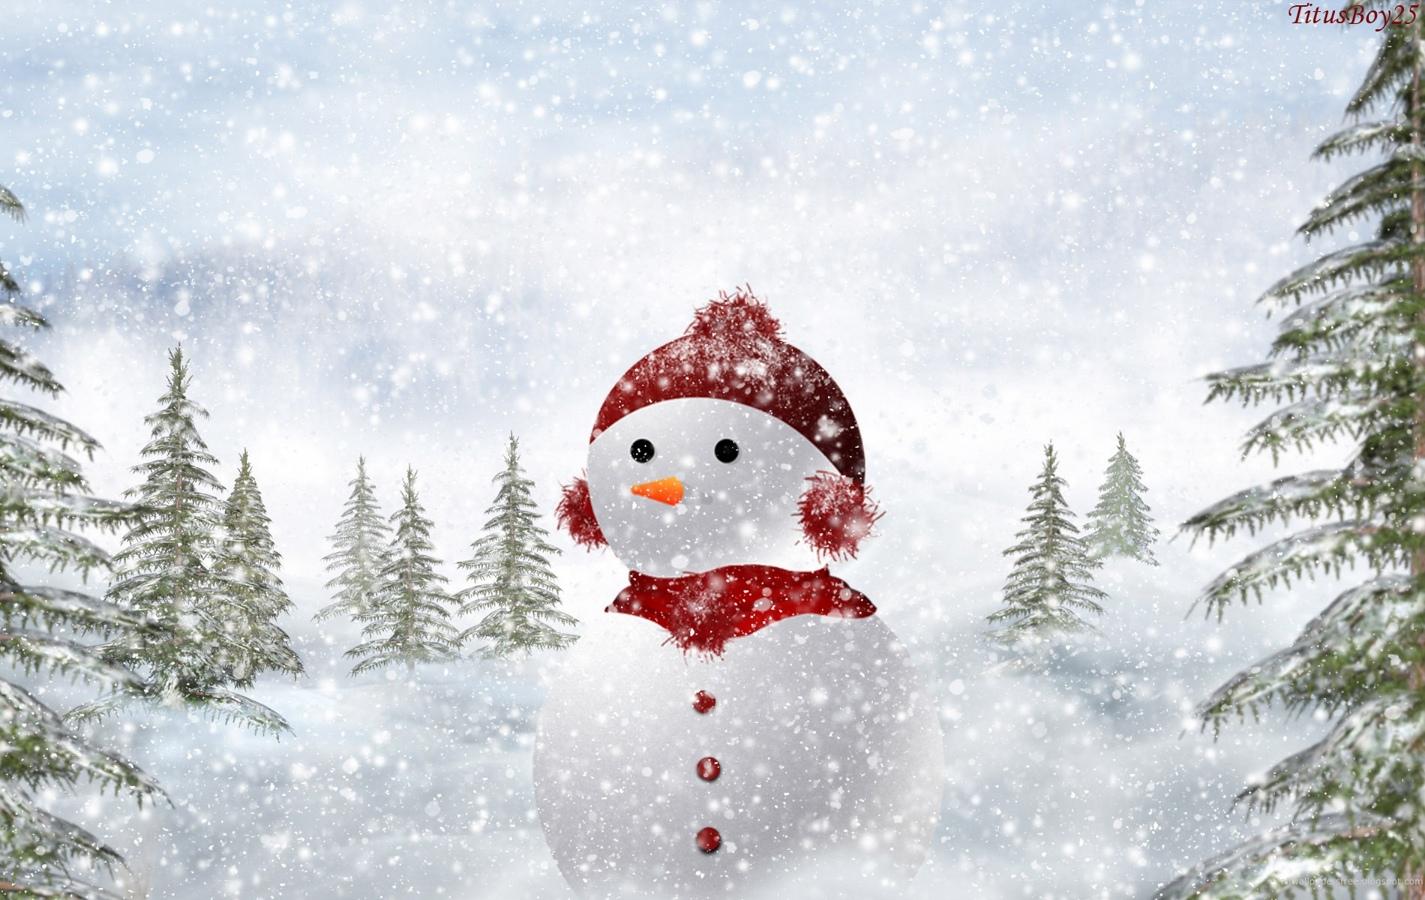 Advent und weihnachten schneemann hintergrundbilder 2011 - Advent hintergrundbilder ...